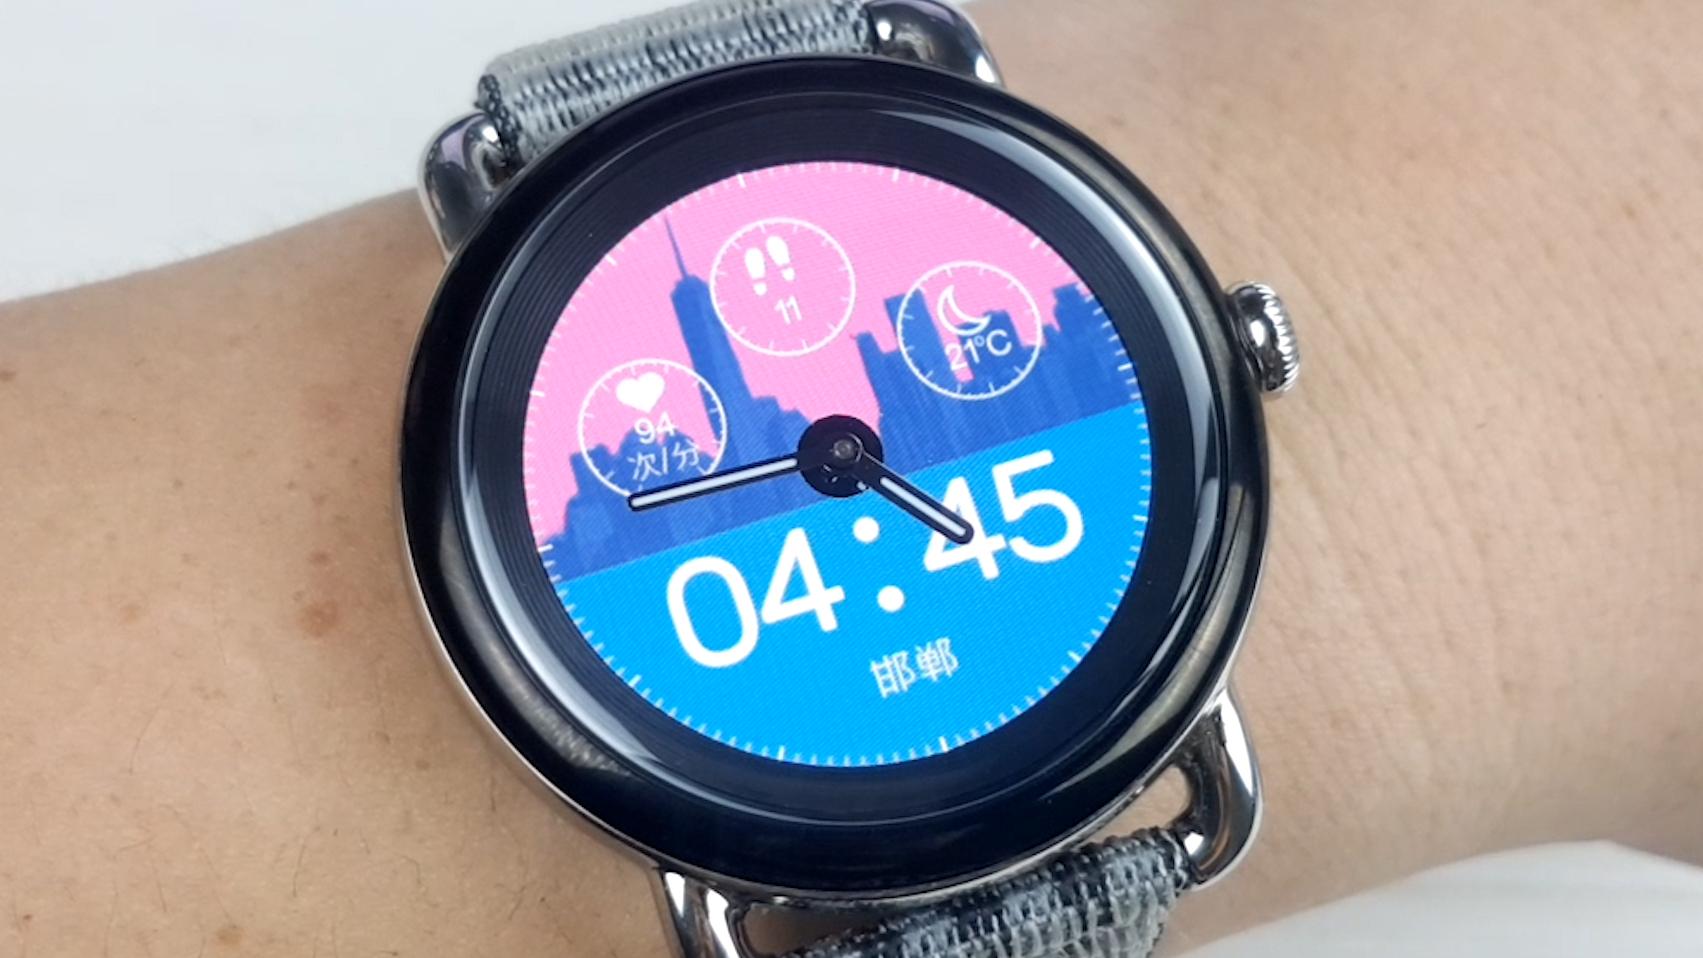 拆解LEFIT指针式智能机械手表,看看机芯内部非比寻常的结构设计